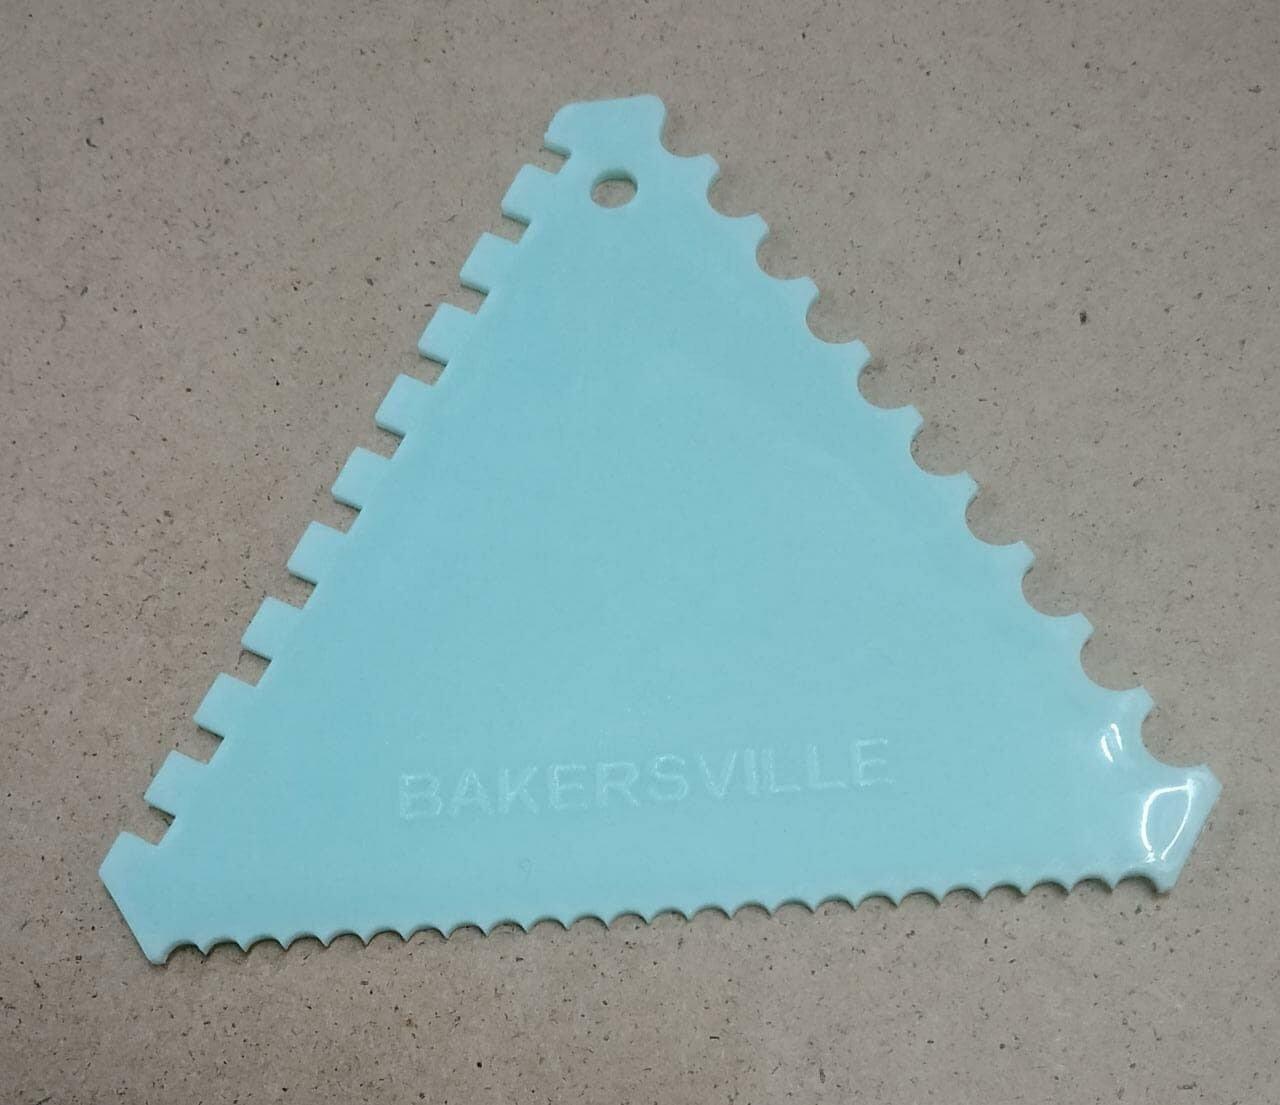 Finedecor Triangle Comb Scraper Fd2231 Cake Decoration Tools